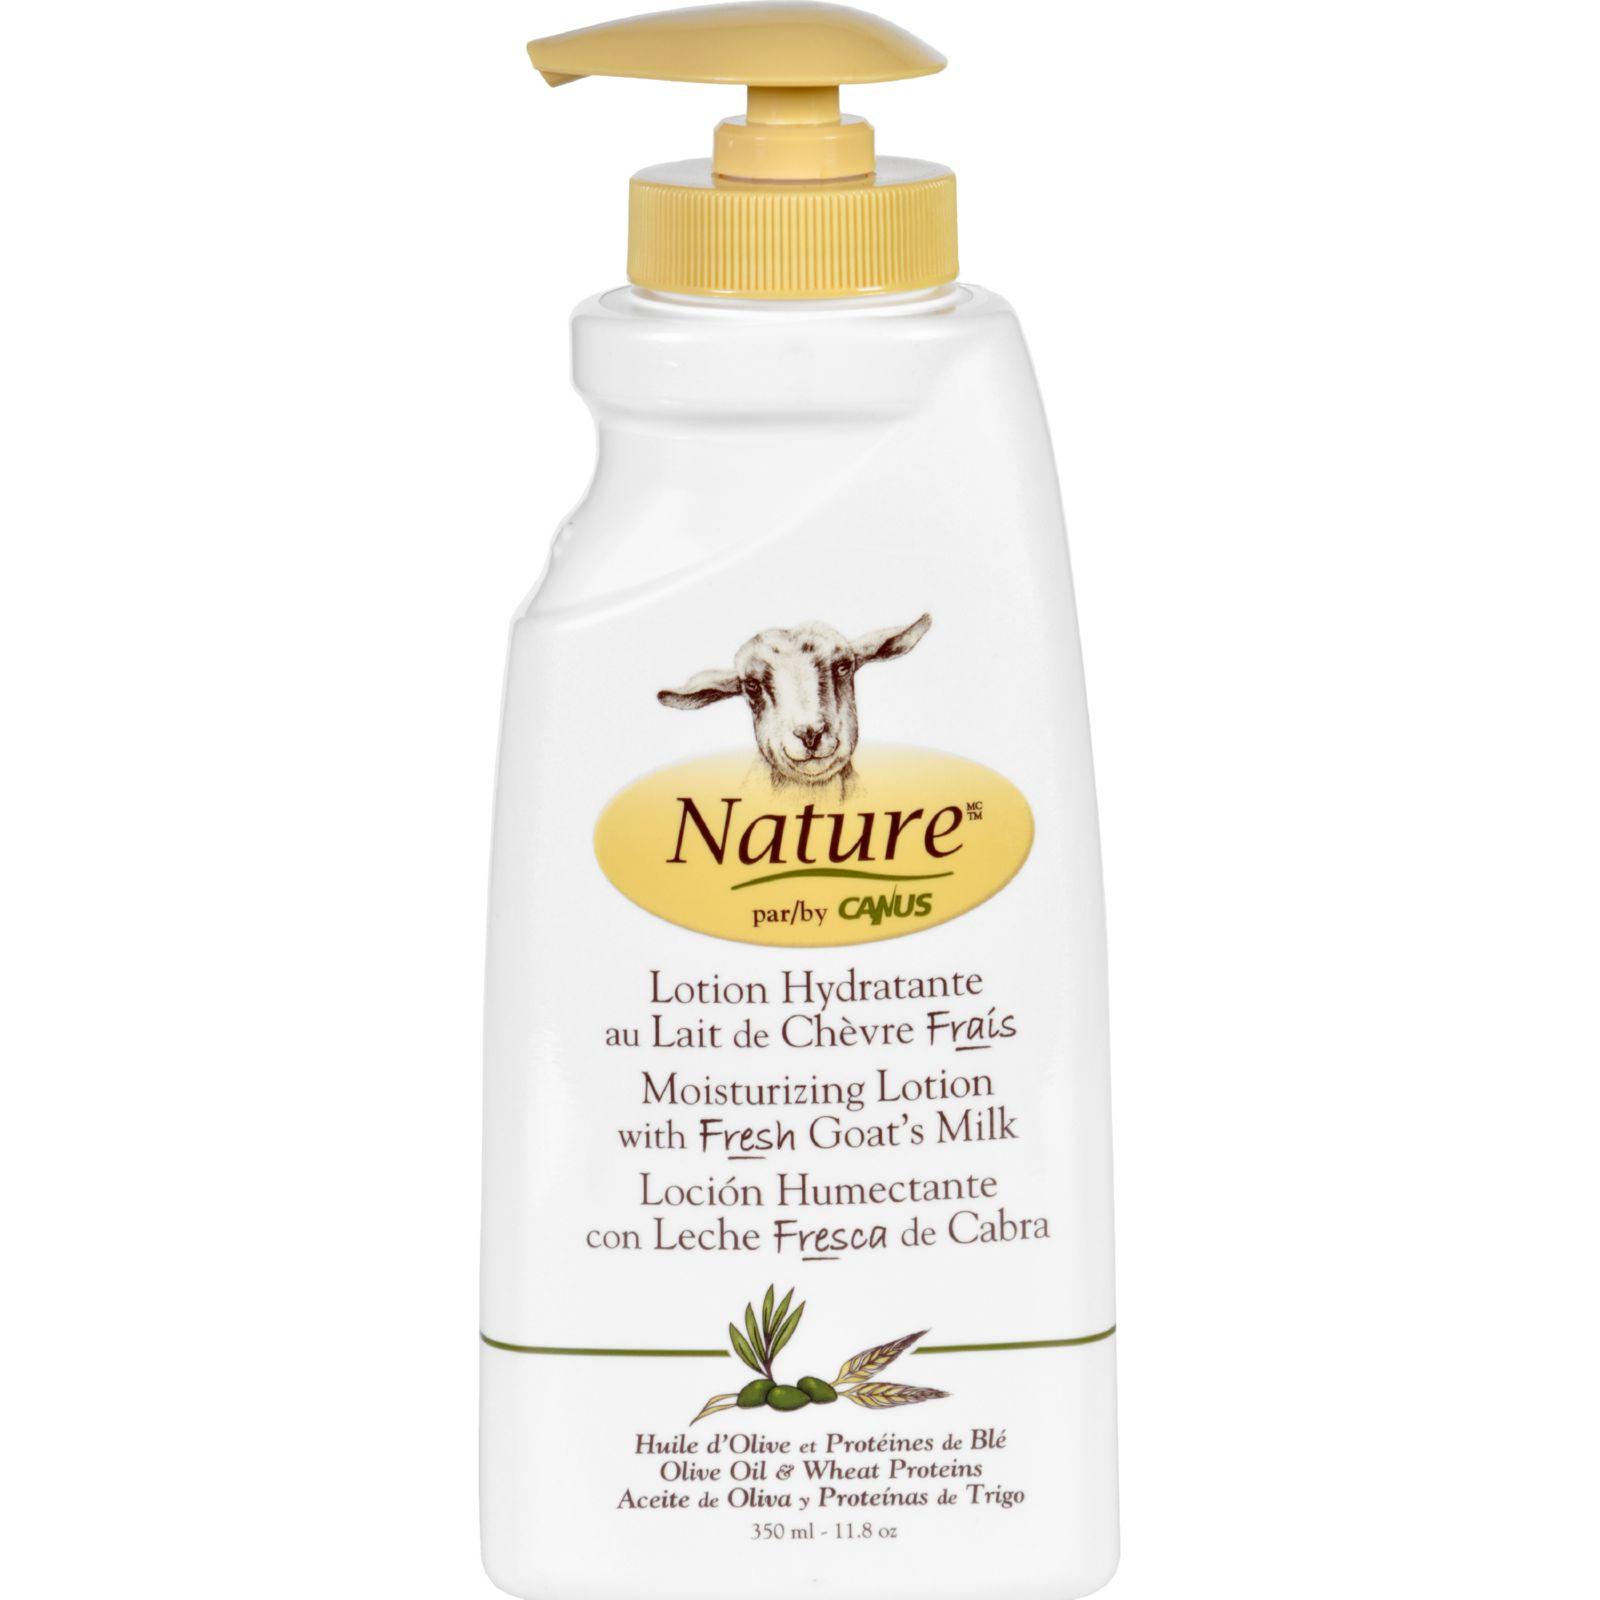 Lotion - Goats Milk - Nature - Olive Oil Wht Prot - 11.8 oz